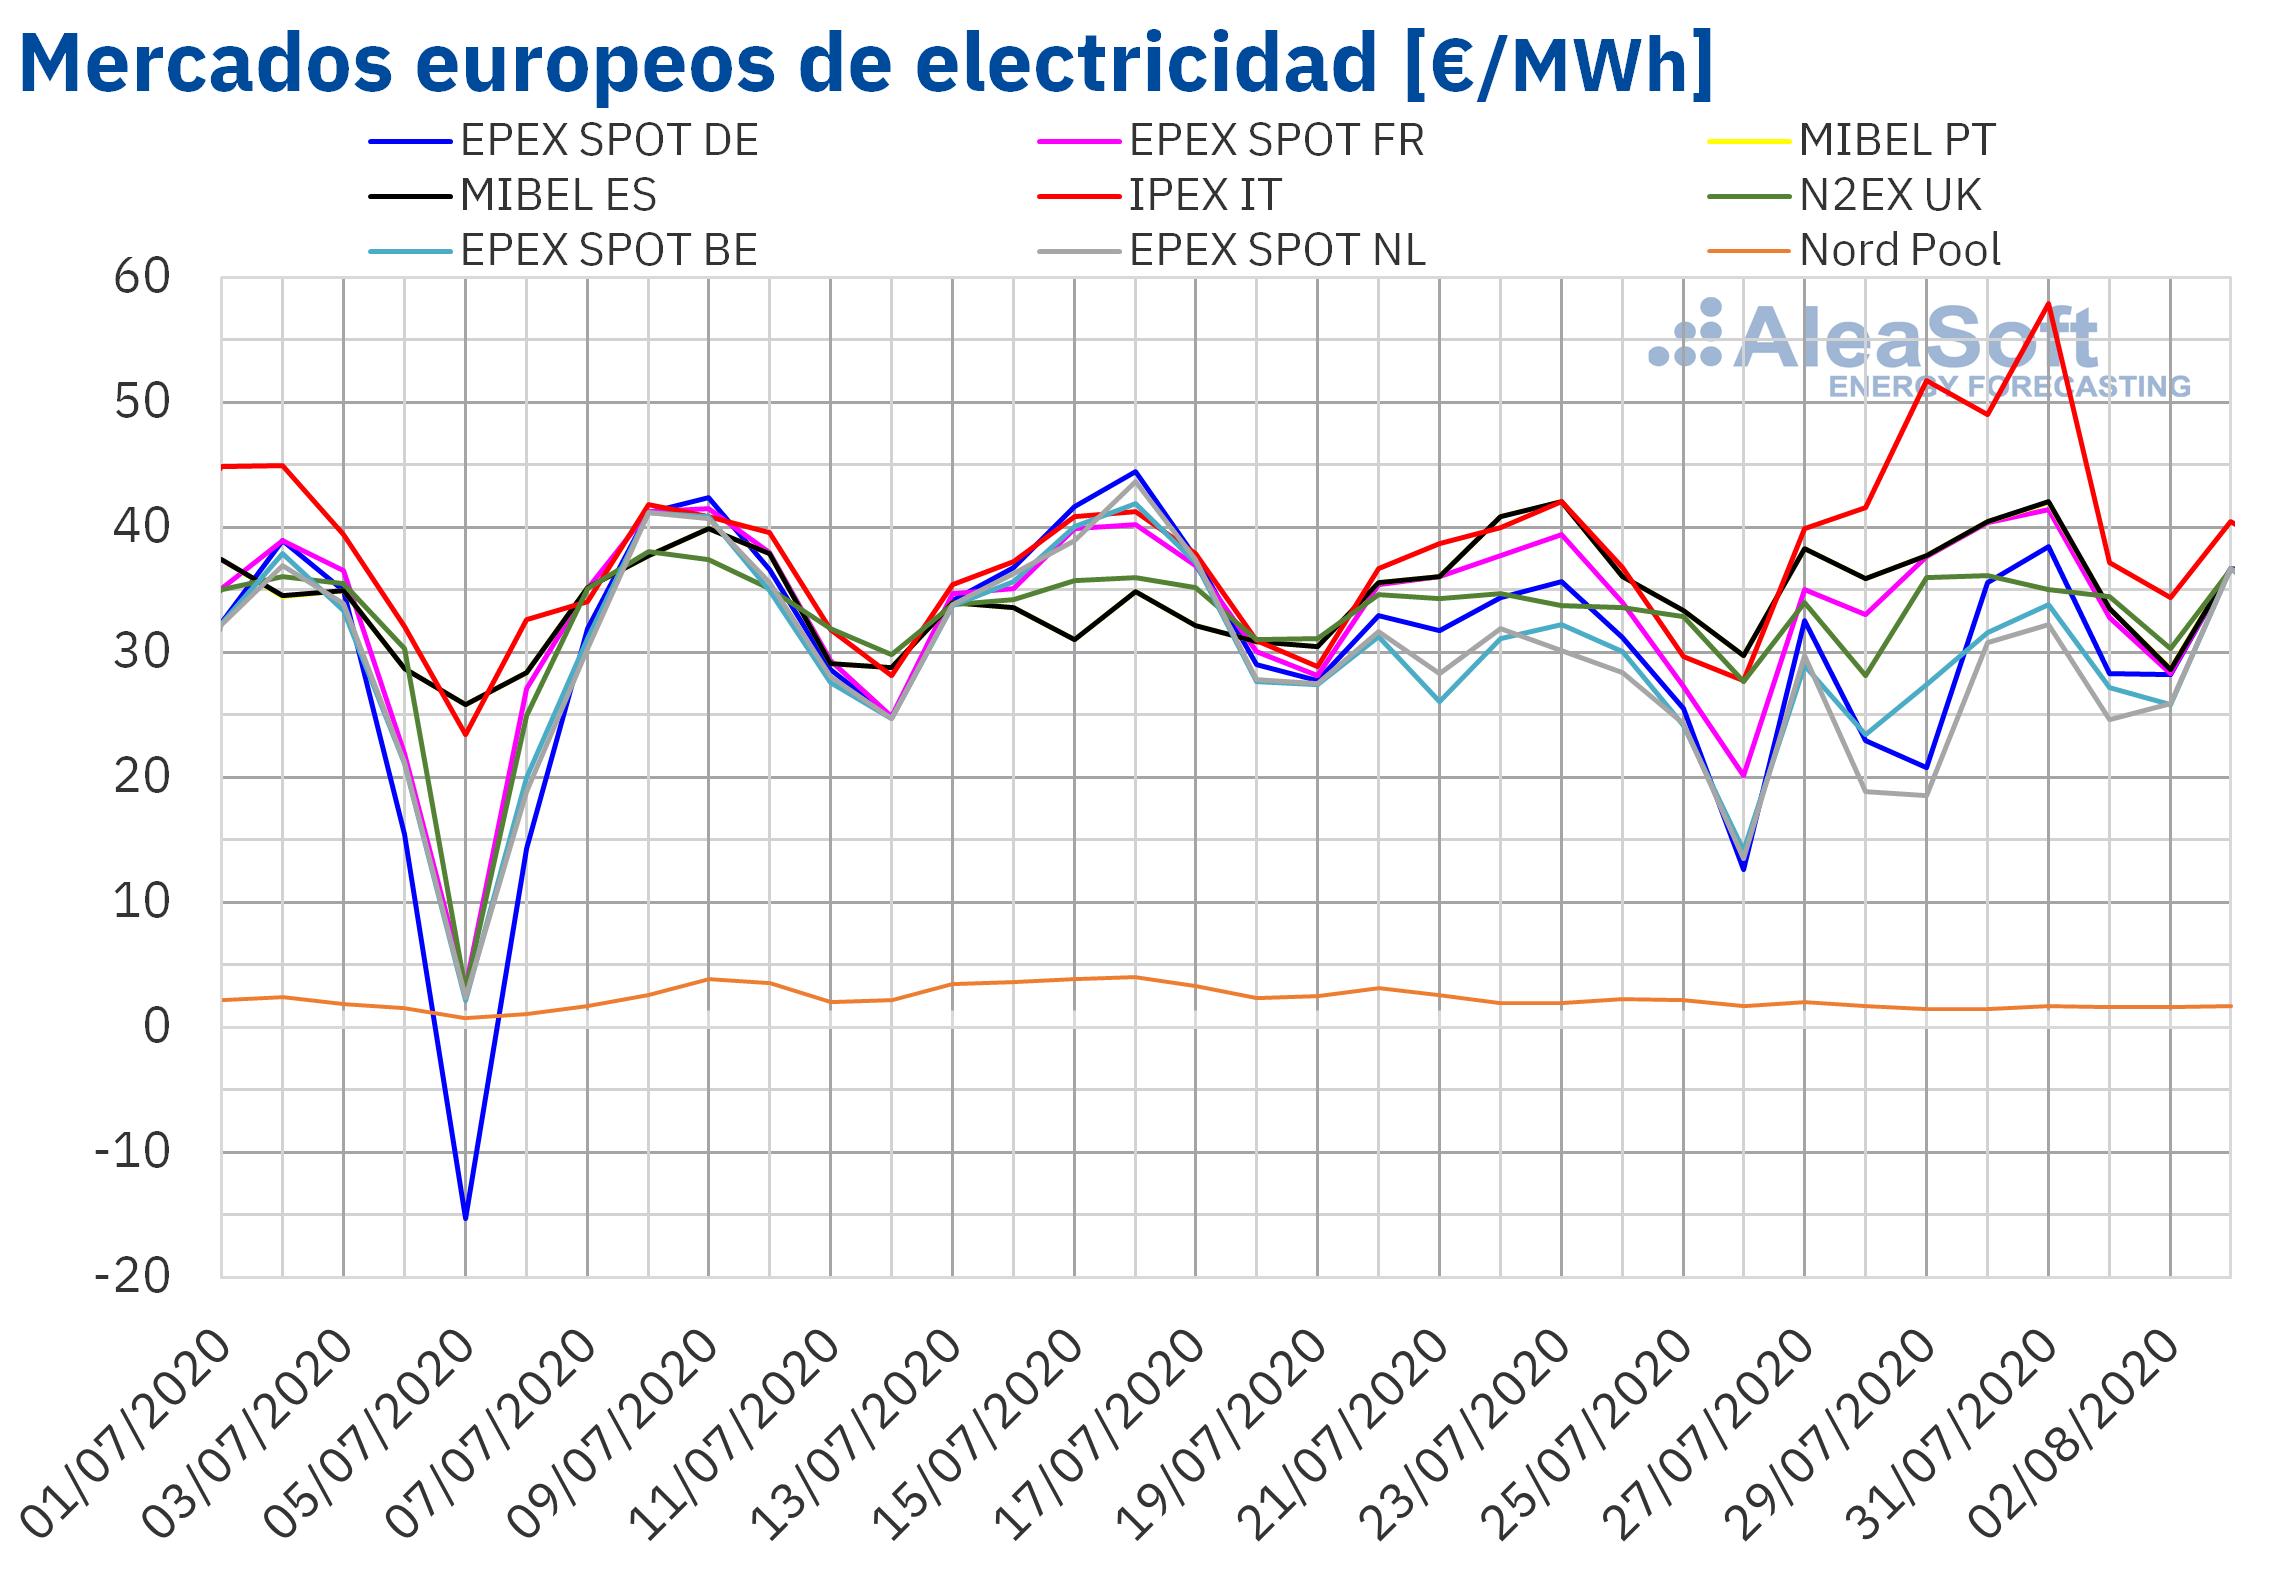 Fotografia Tabla de precios de mercados, demanda y temperatura de